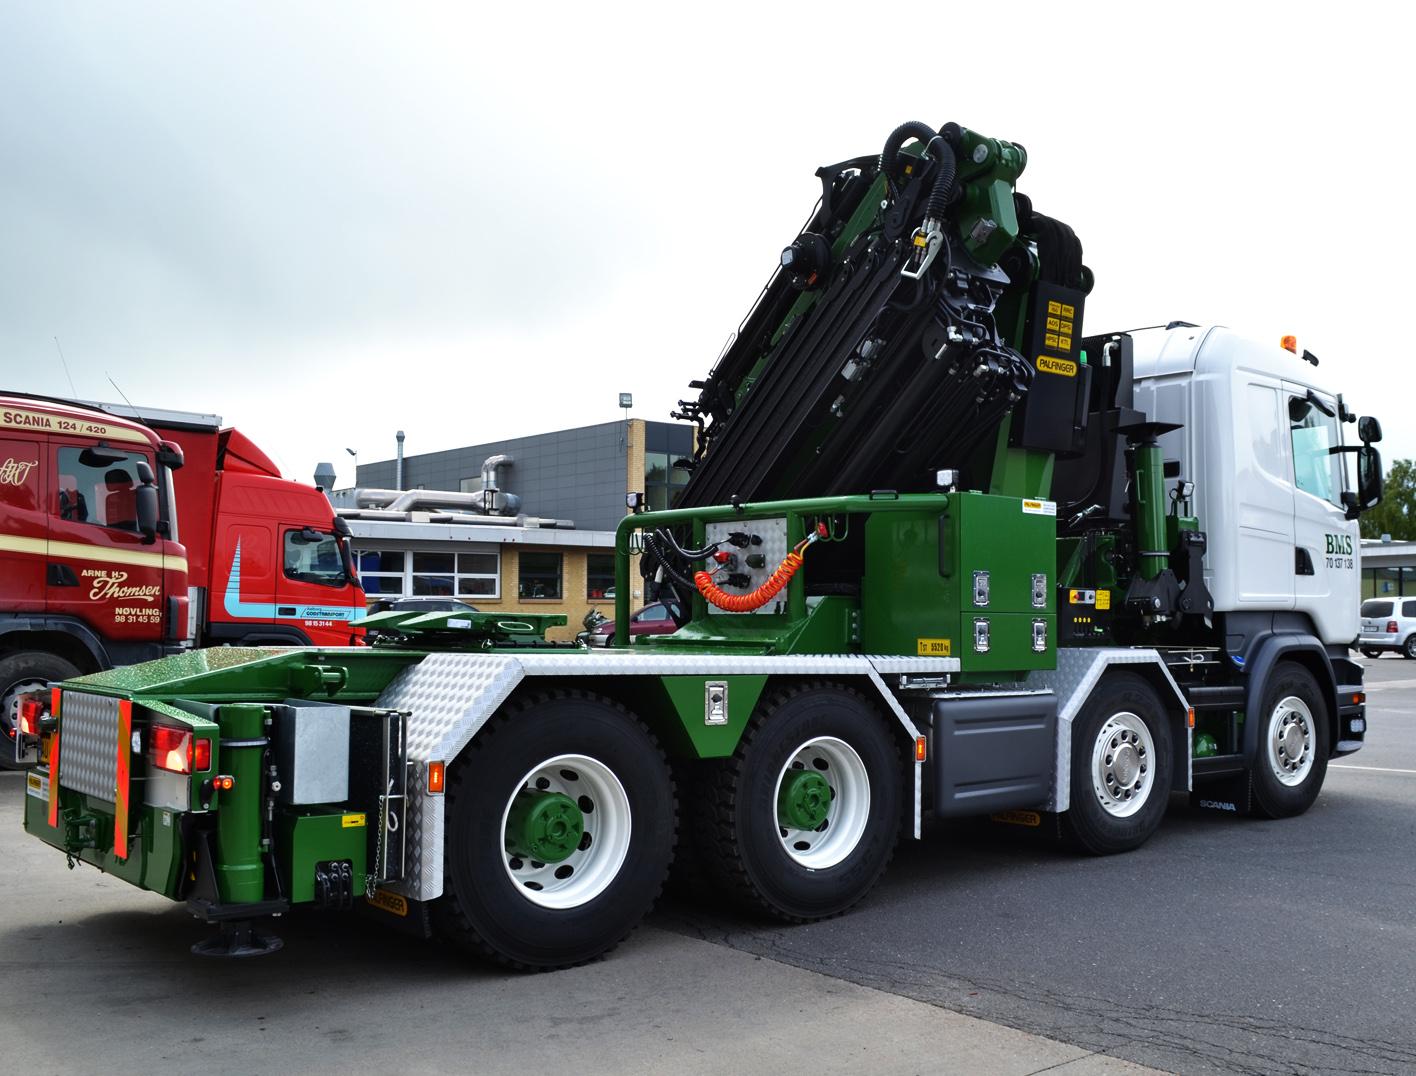 Vi er Palfinger forhandler og hjælper med at opbygge din lastbil med kran, hejs, tip eller hvad end du ønsker